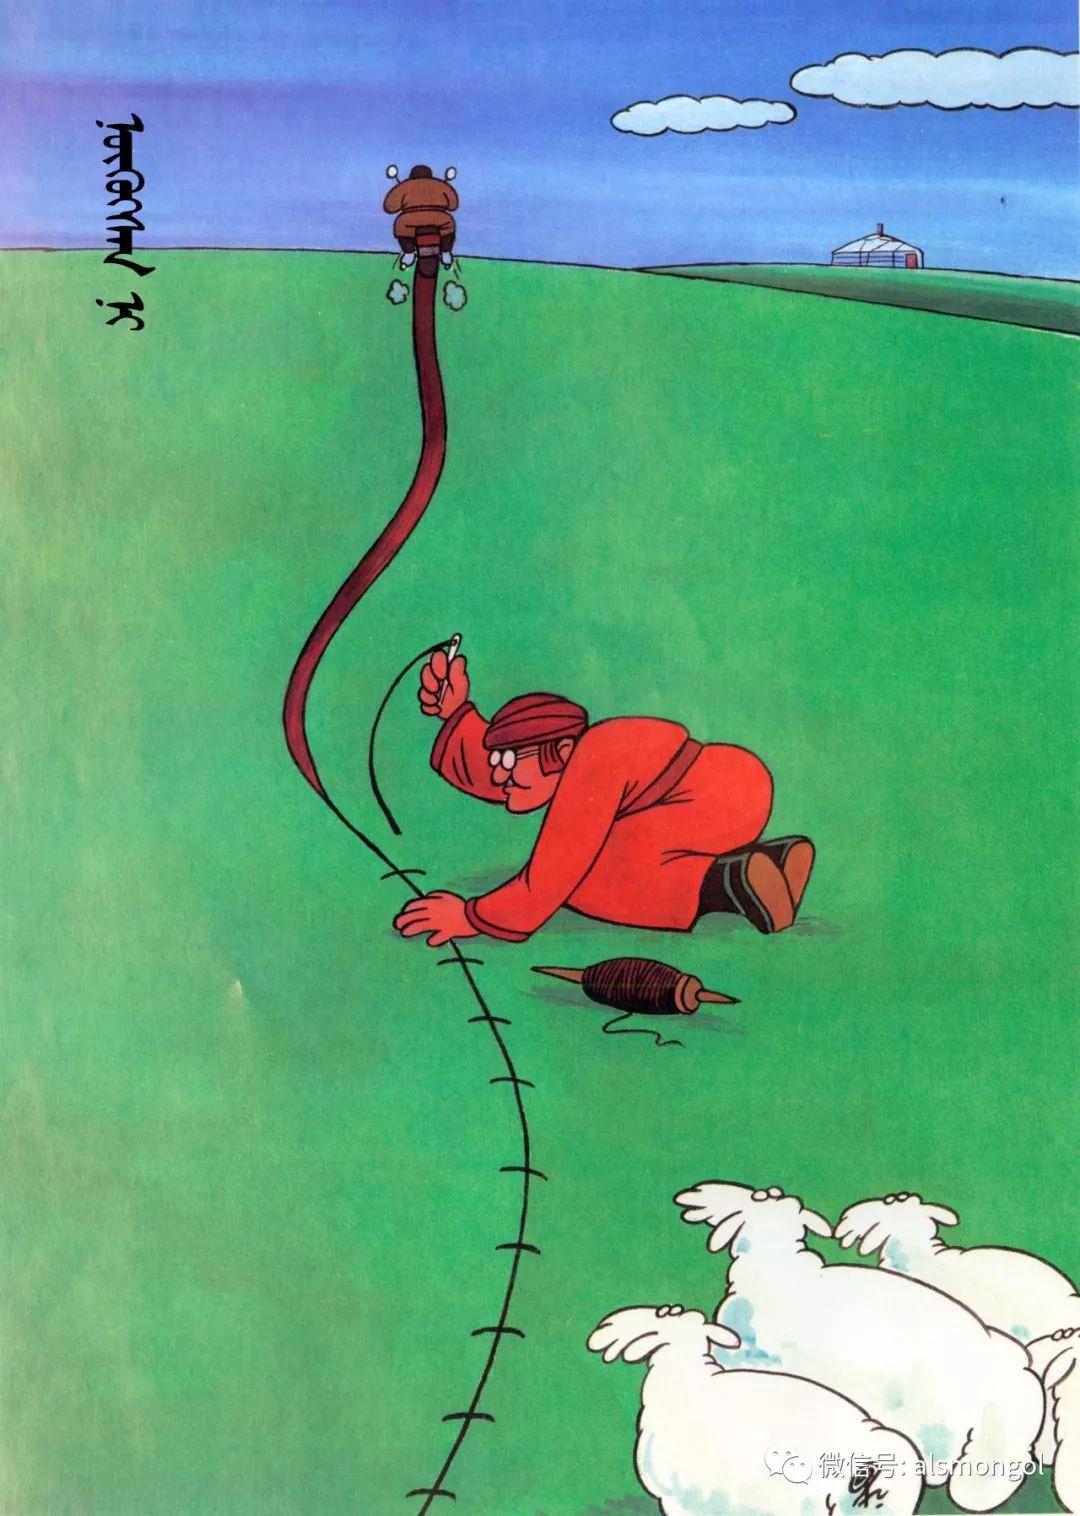 值得一看的蒙古漫画! 第8张 值得一看的蒙古漫画! 蒙古画廊